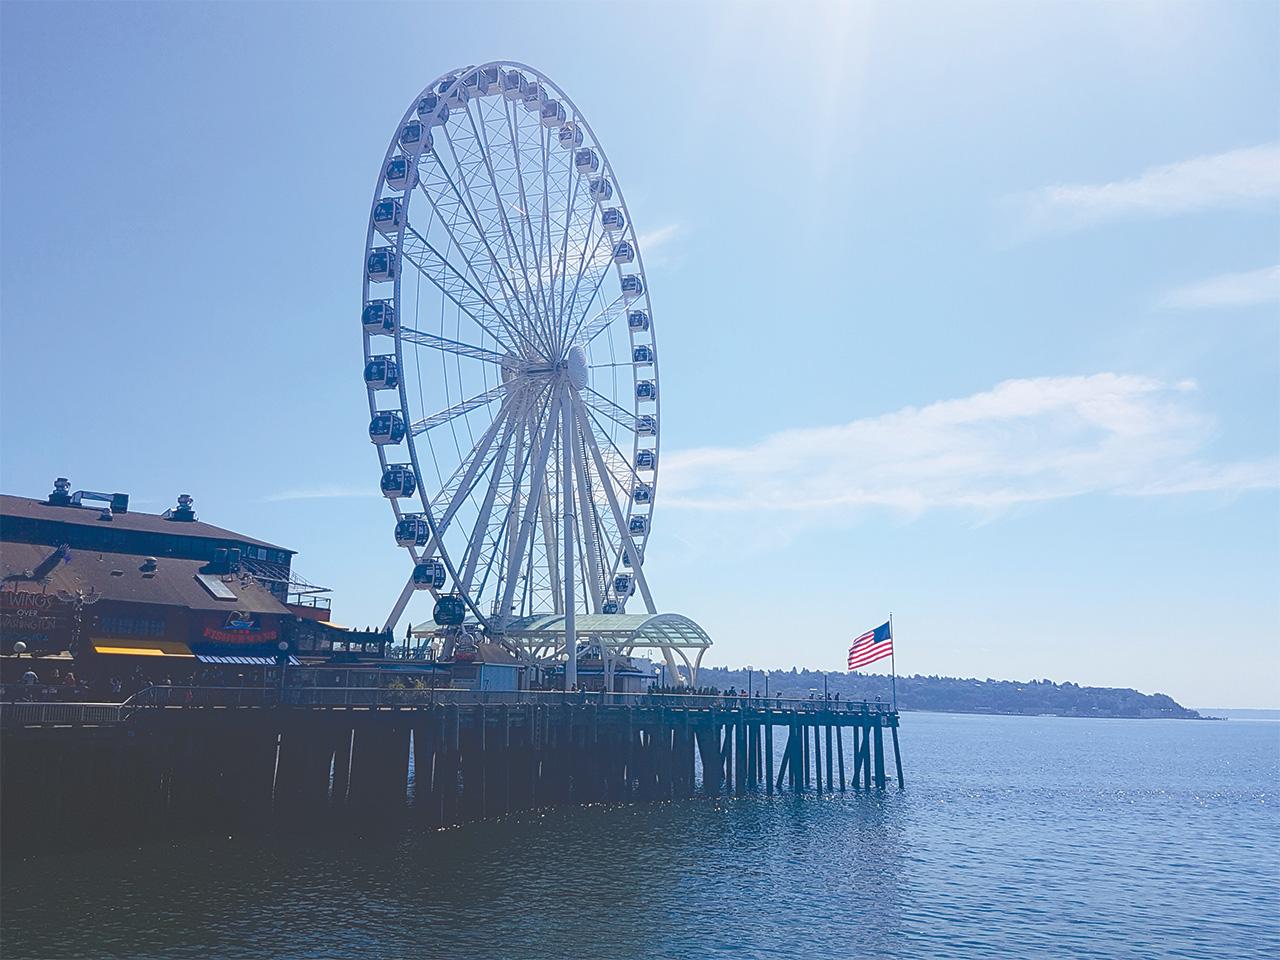 תצפית מהגלגל הענק. צילום: ספיר פרץ זילברמן